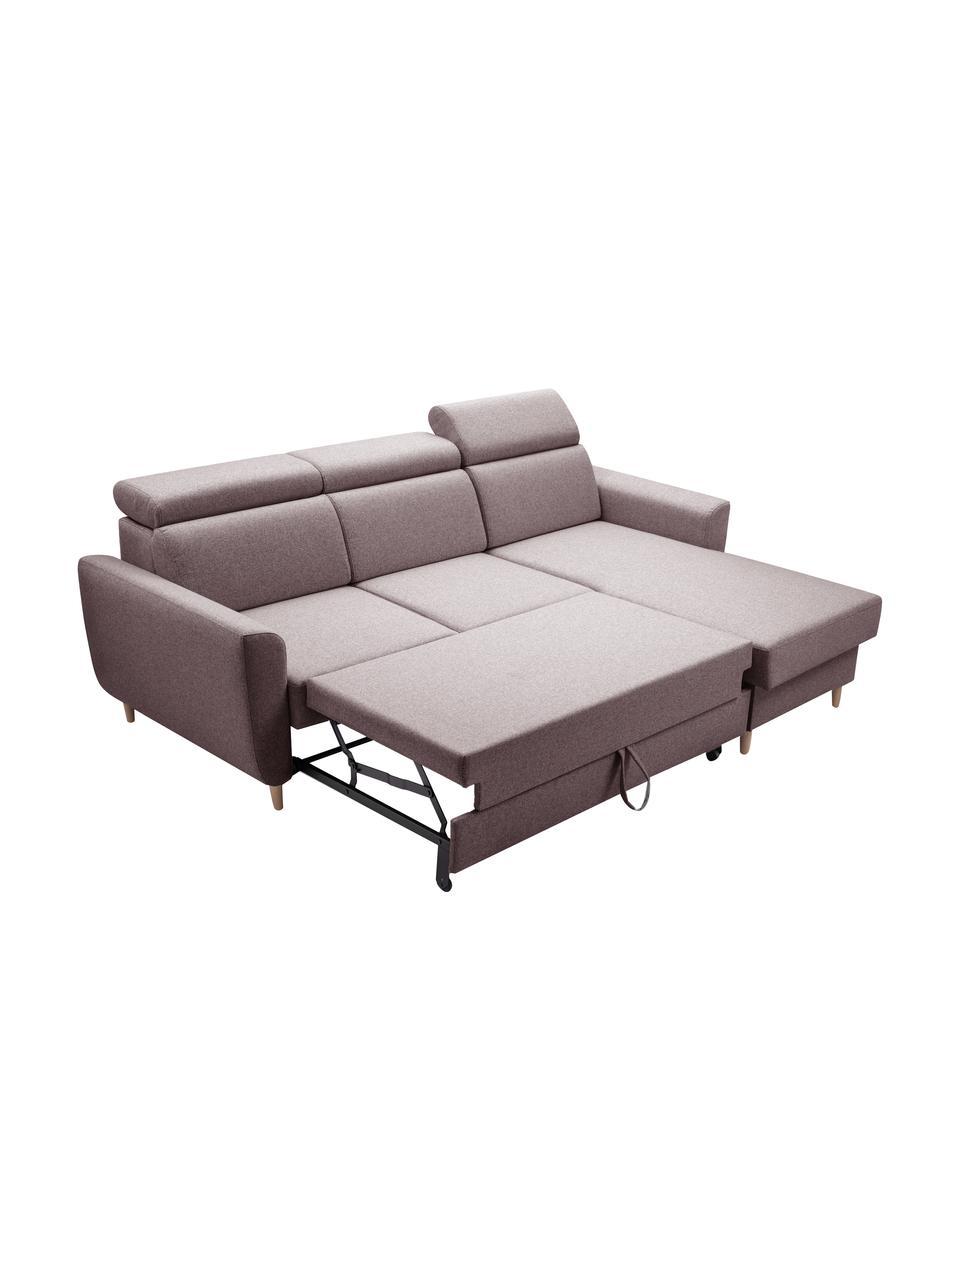 Sofa narożna z funkcją spania i miejscem do przechowywania Gusto (4-osobowa), Tapicerka: 100% poliester, Beżowy, S 235 x G 170 cm